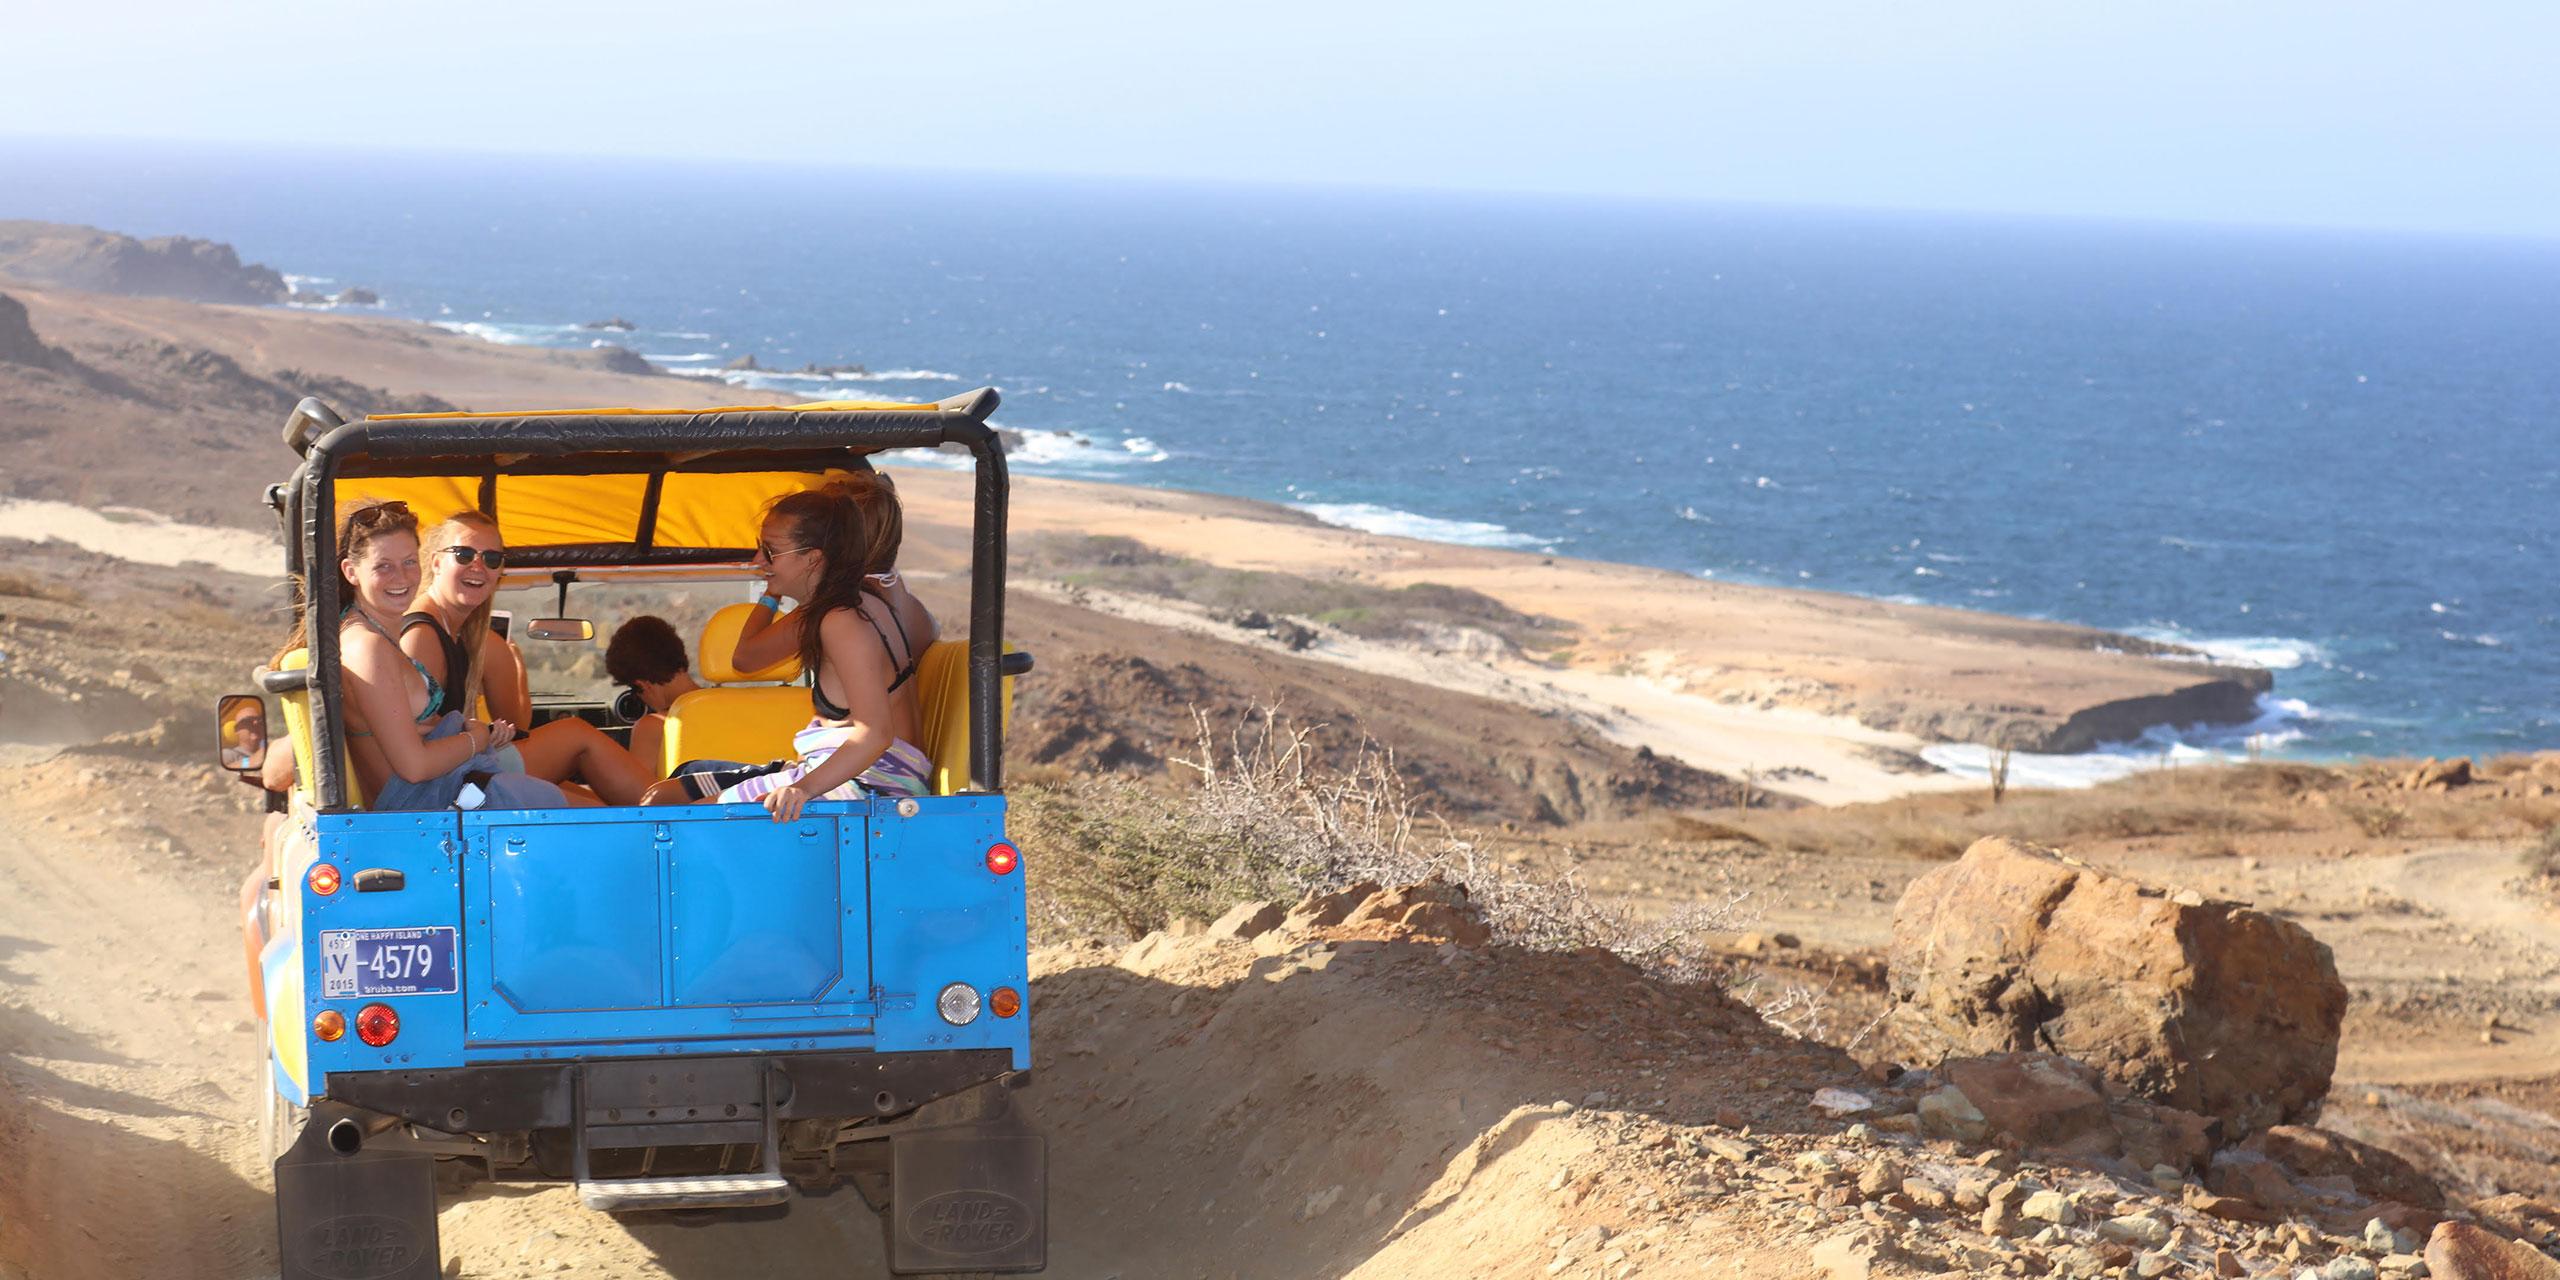 Jeep Tours with ABC Tours Aruba; Courtesy of ABC Tours Aruba